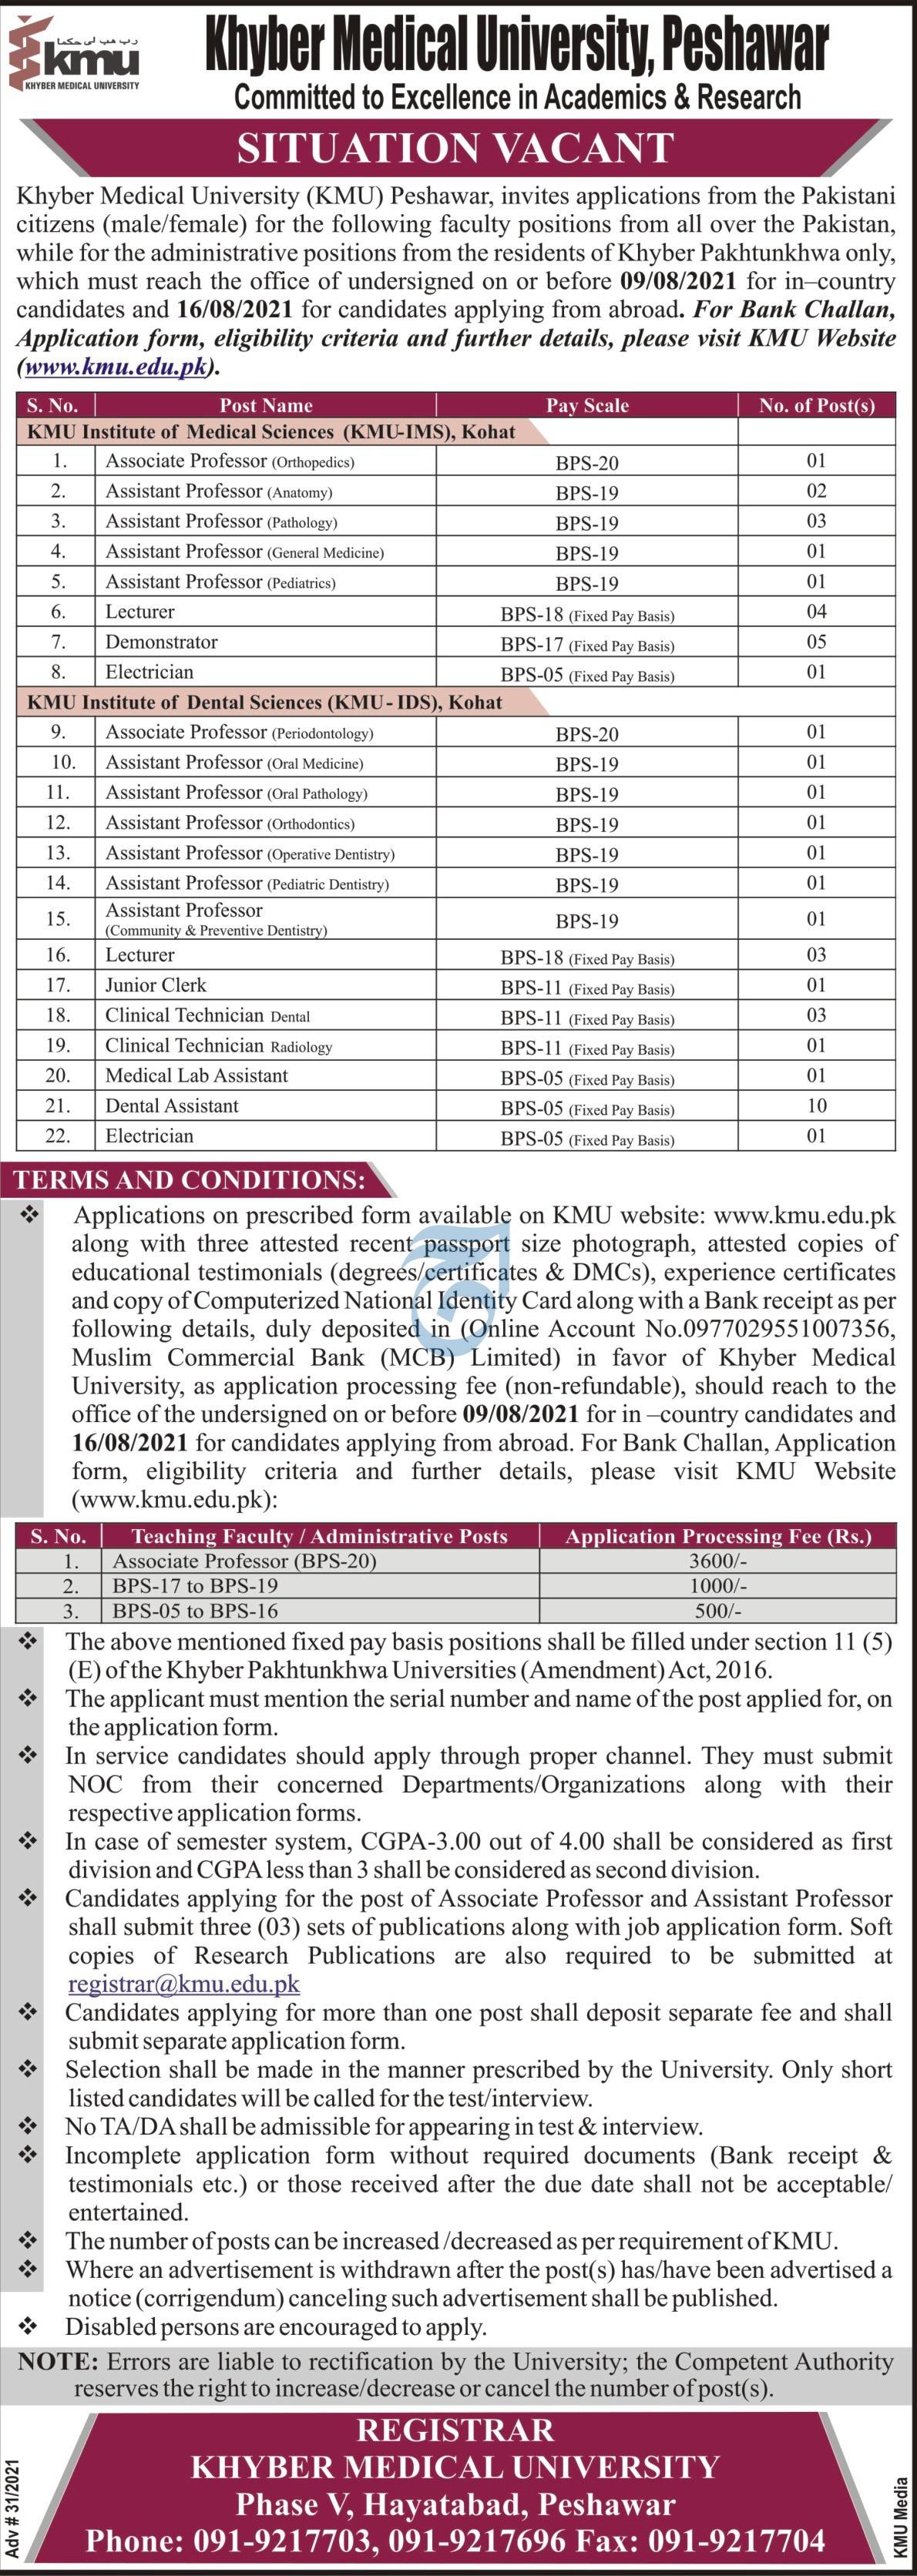 Khyber Medical University jobs newspaper ad for Associate Professor in Peshawar on 2021-07-20